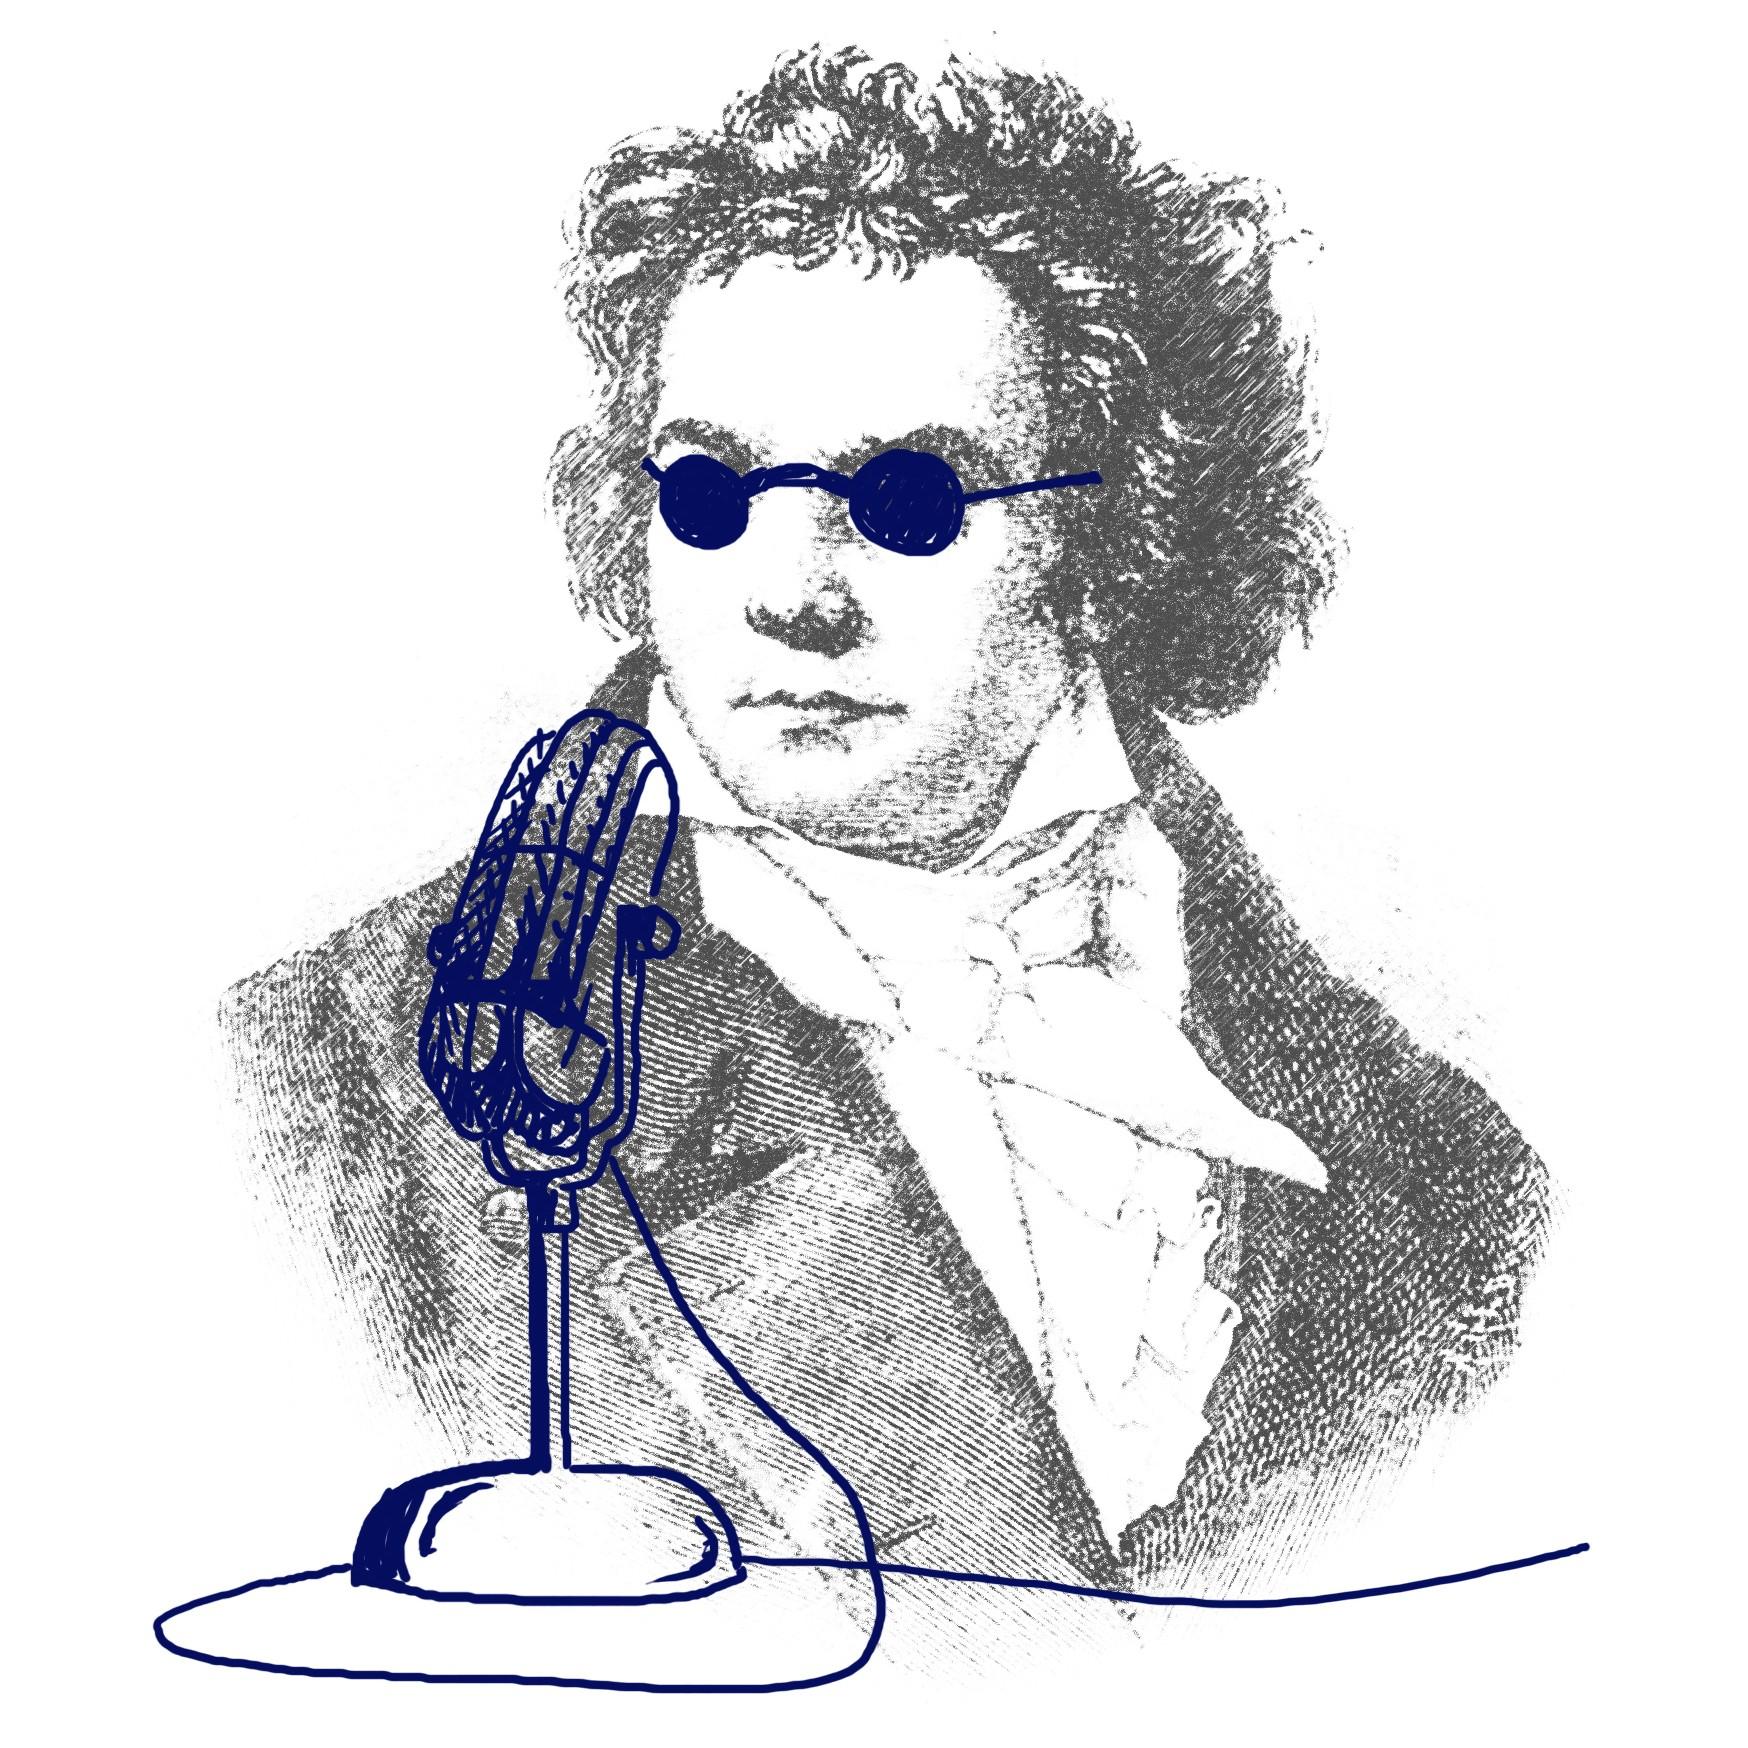 история гении Пушкин Валиханов Абай Пифагор Бетховен люди достижения прошлое настоящее современное воображение